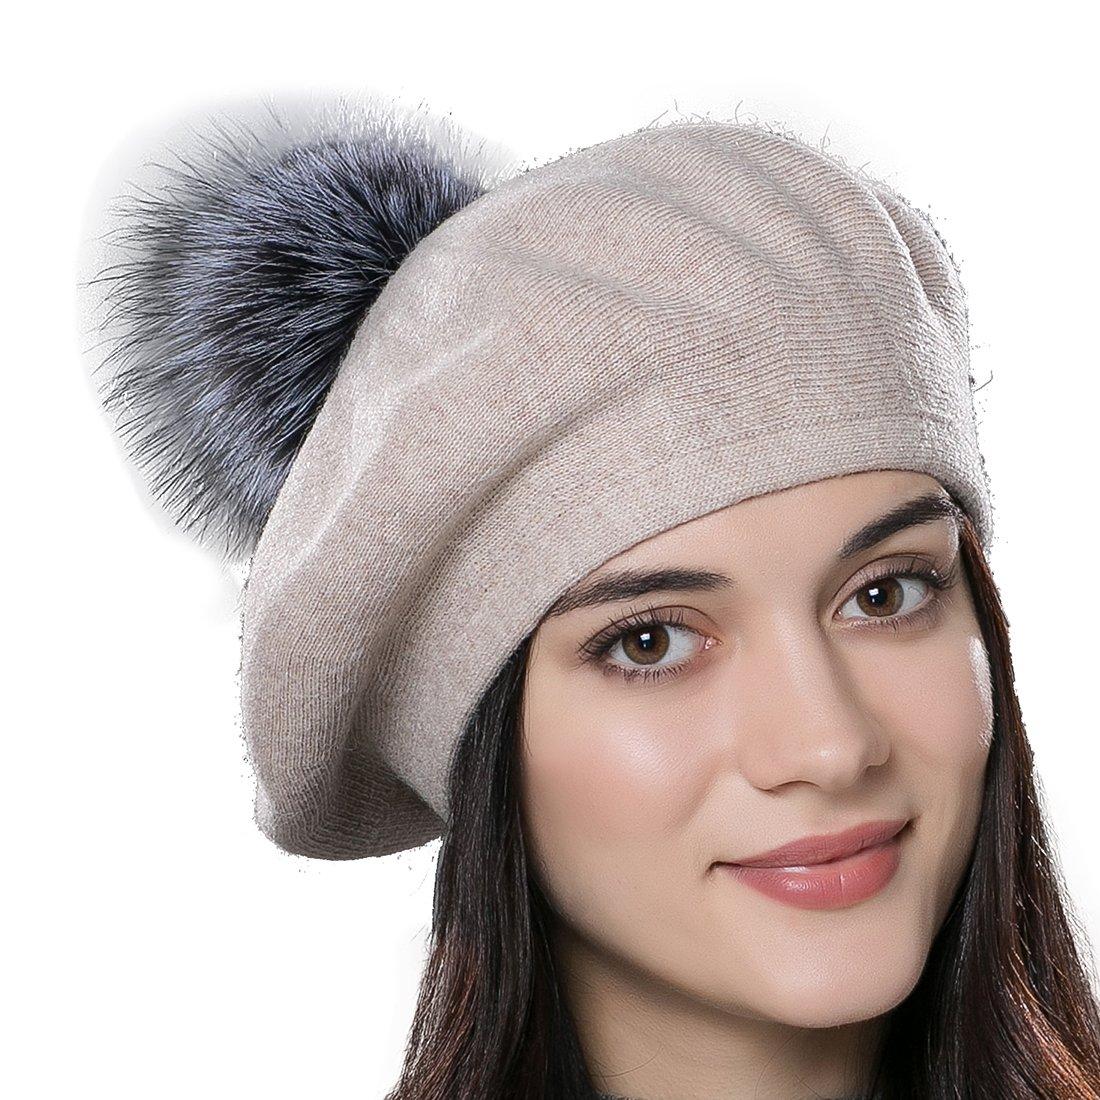 URSFUR Unisex gorra de algodón forma de boina personalizada de lana con pompón de zorro fino y suave otoño y invierno YQ-MX16007-Q-4-DE-gcid